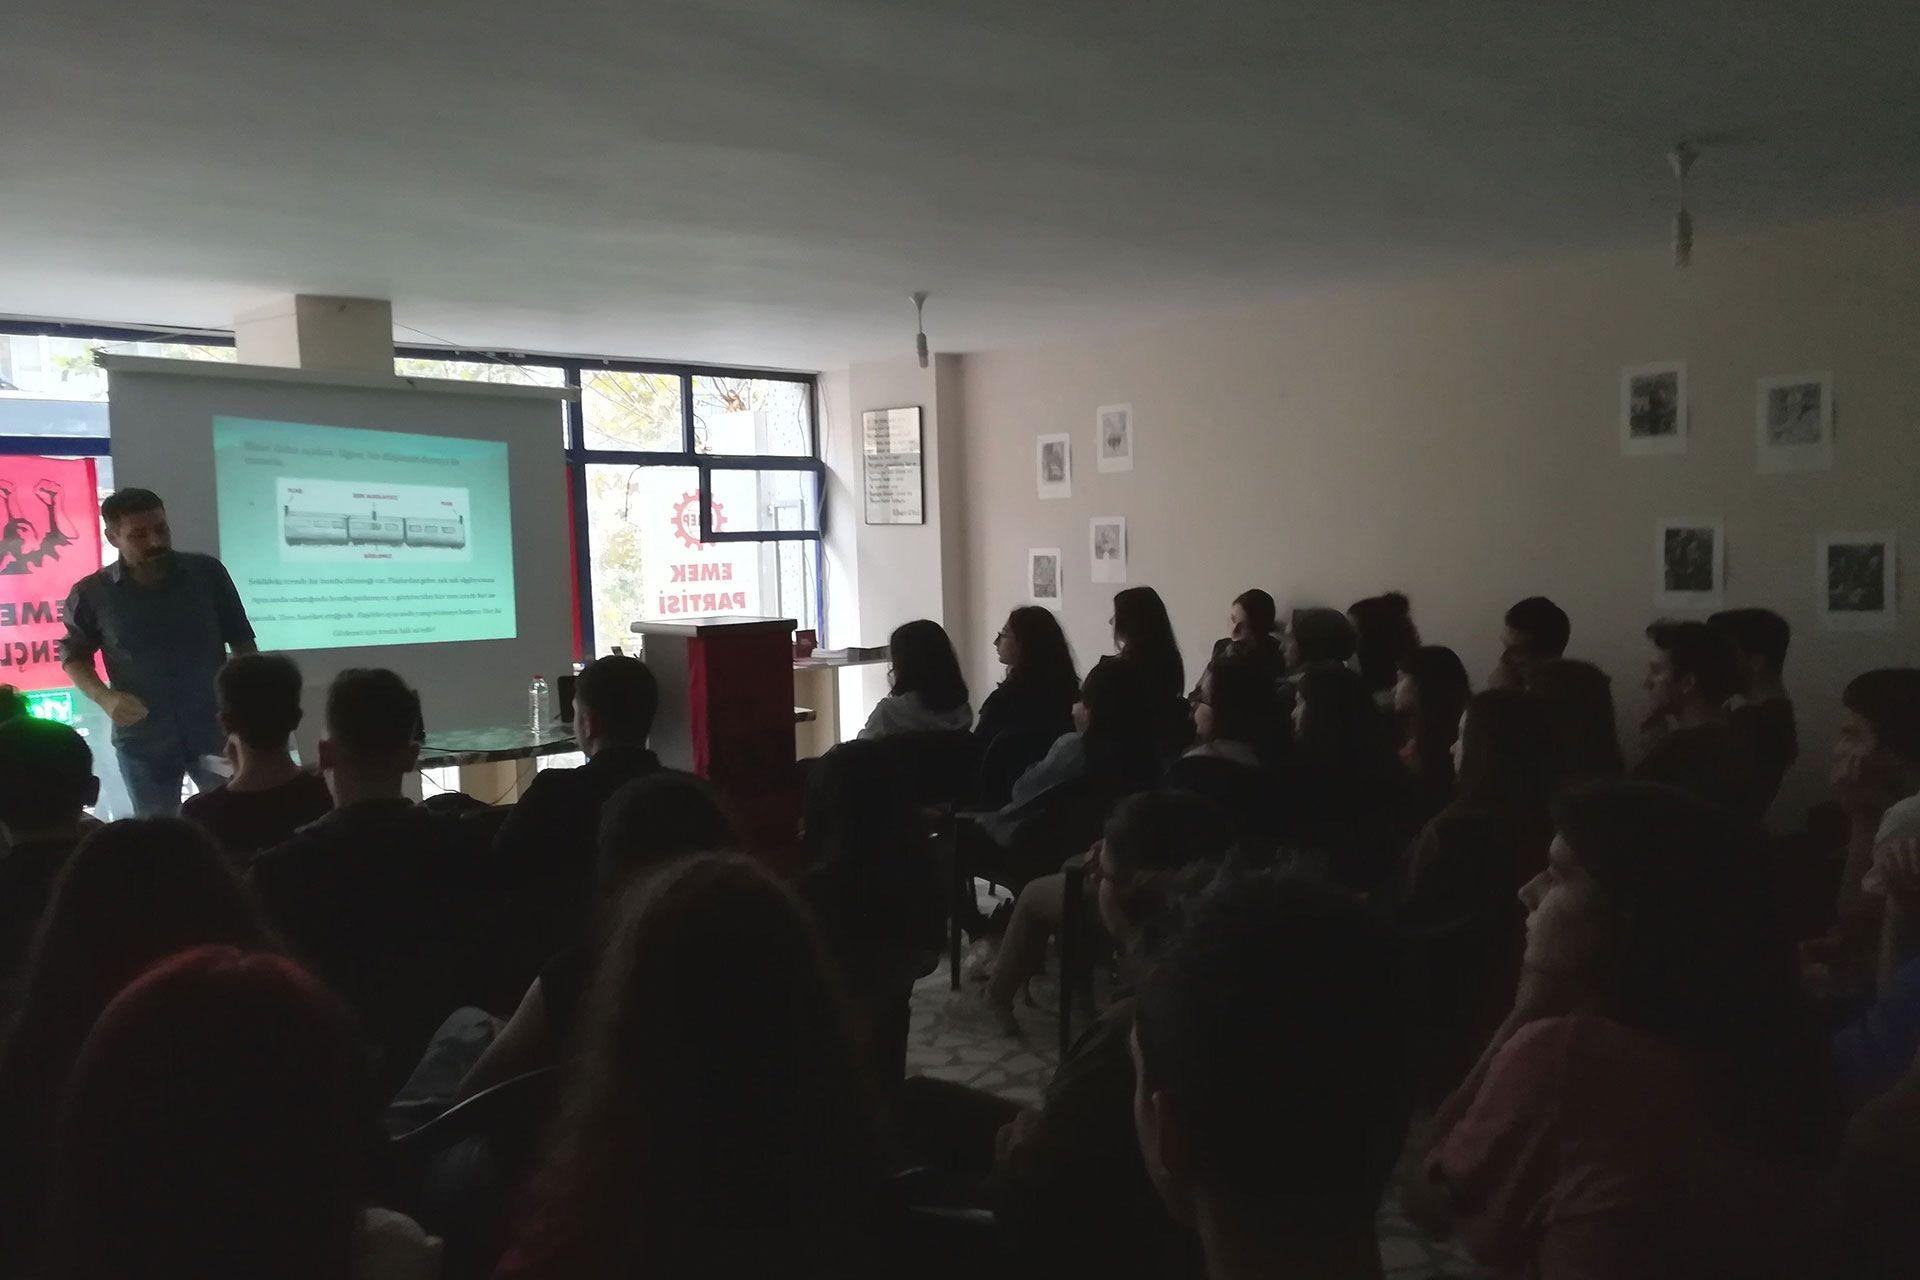 Sultangazi'de gençler okullarında göremedikleri bilimsel konuları tartıştı